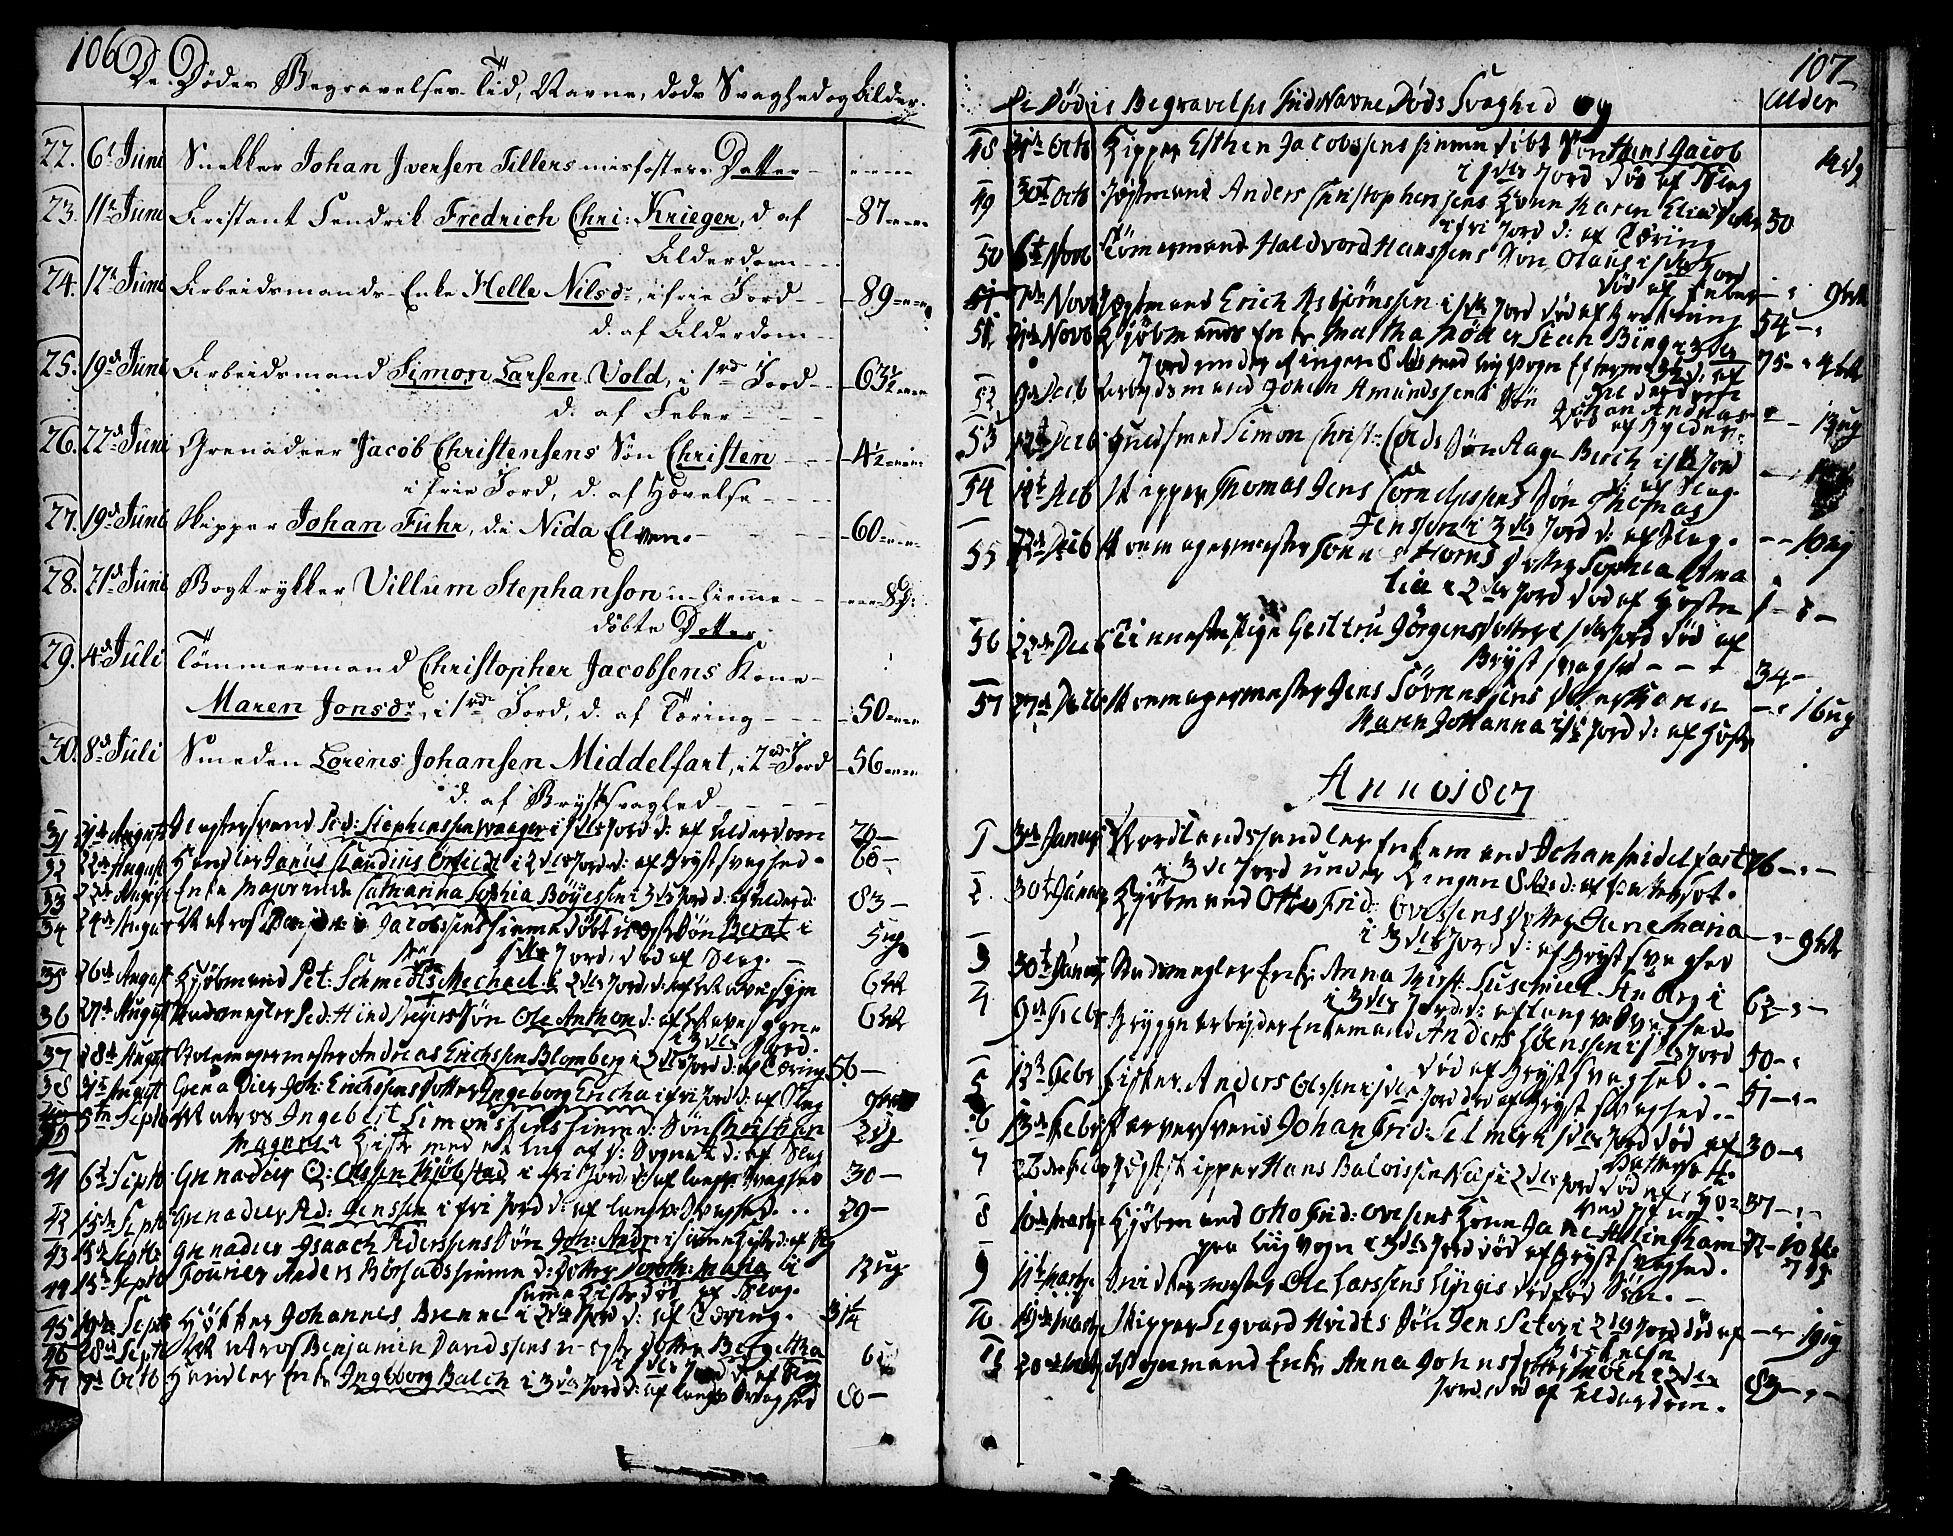 SAT, Ministerialprotokoller, klokkerbøker og fødselsregistre - Sør-Trøndelag, 602/L0106: Ministerialbok nr. 602A04, 1774-1814, s. 106-107